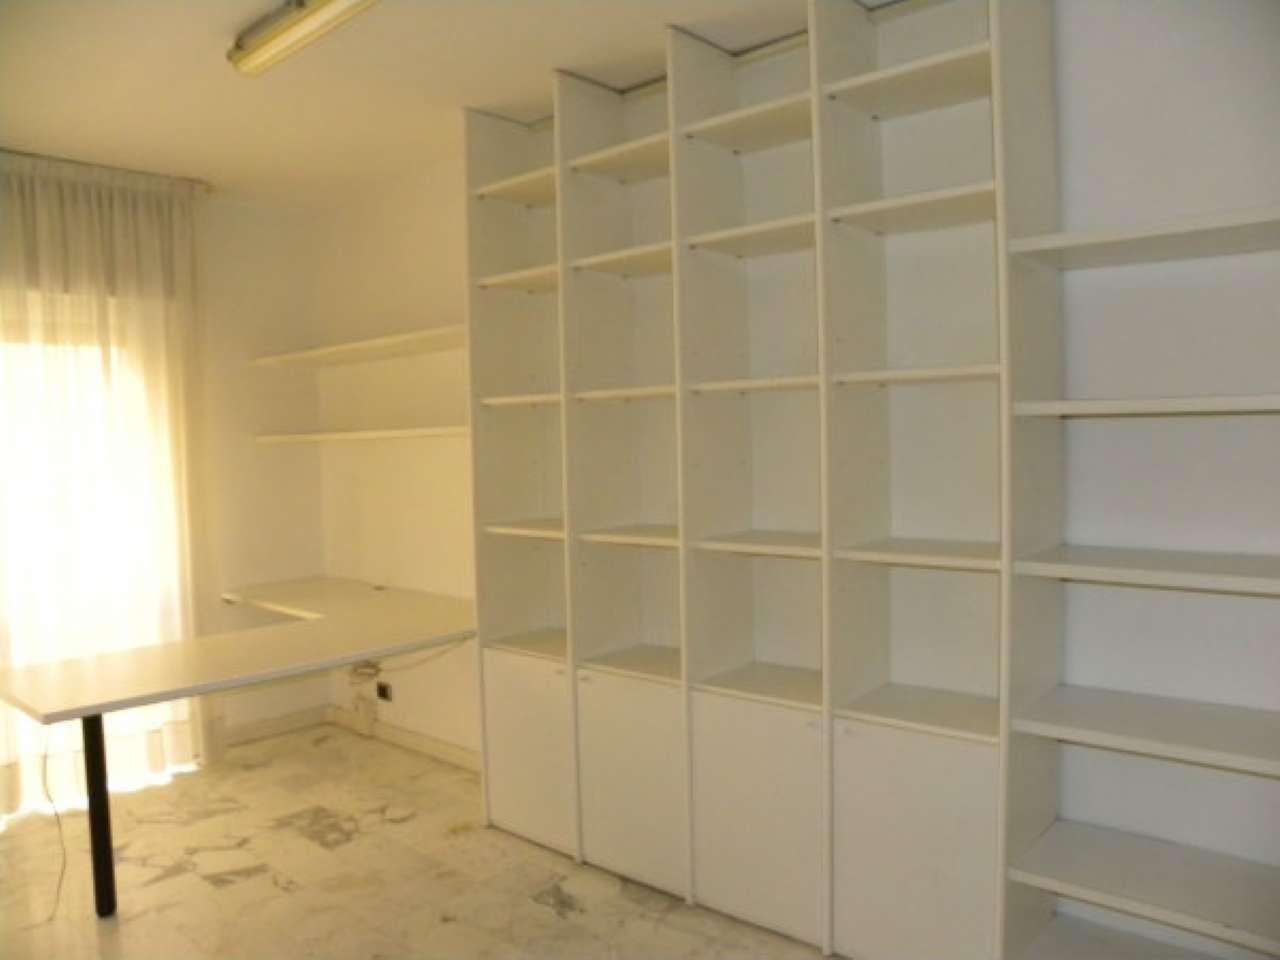 Ufficio / Studio in affitto a Modena, 4 locali, prezzo € 600   Cambio Casa.it